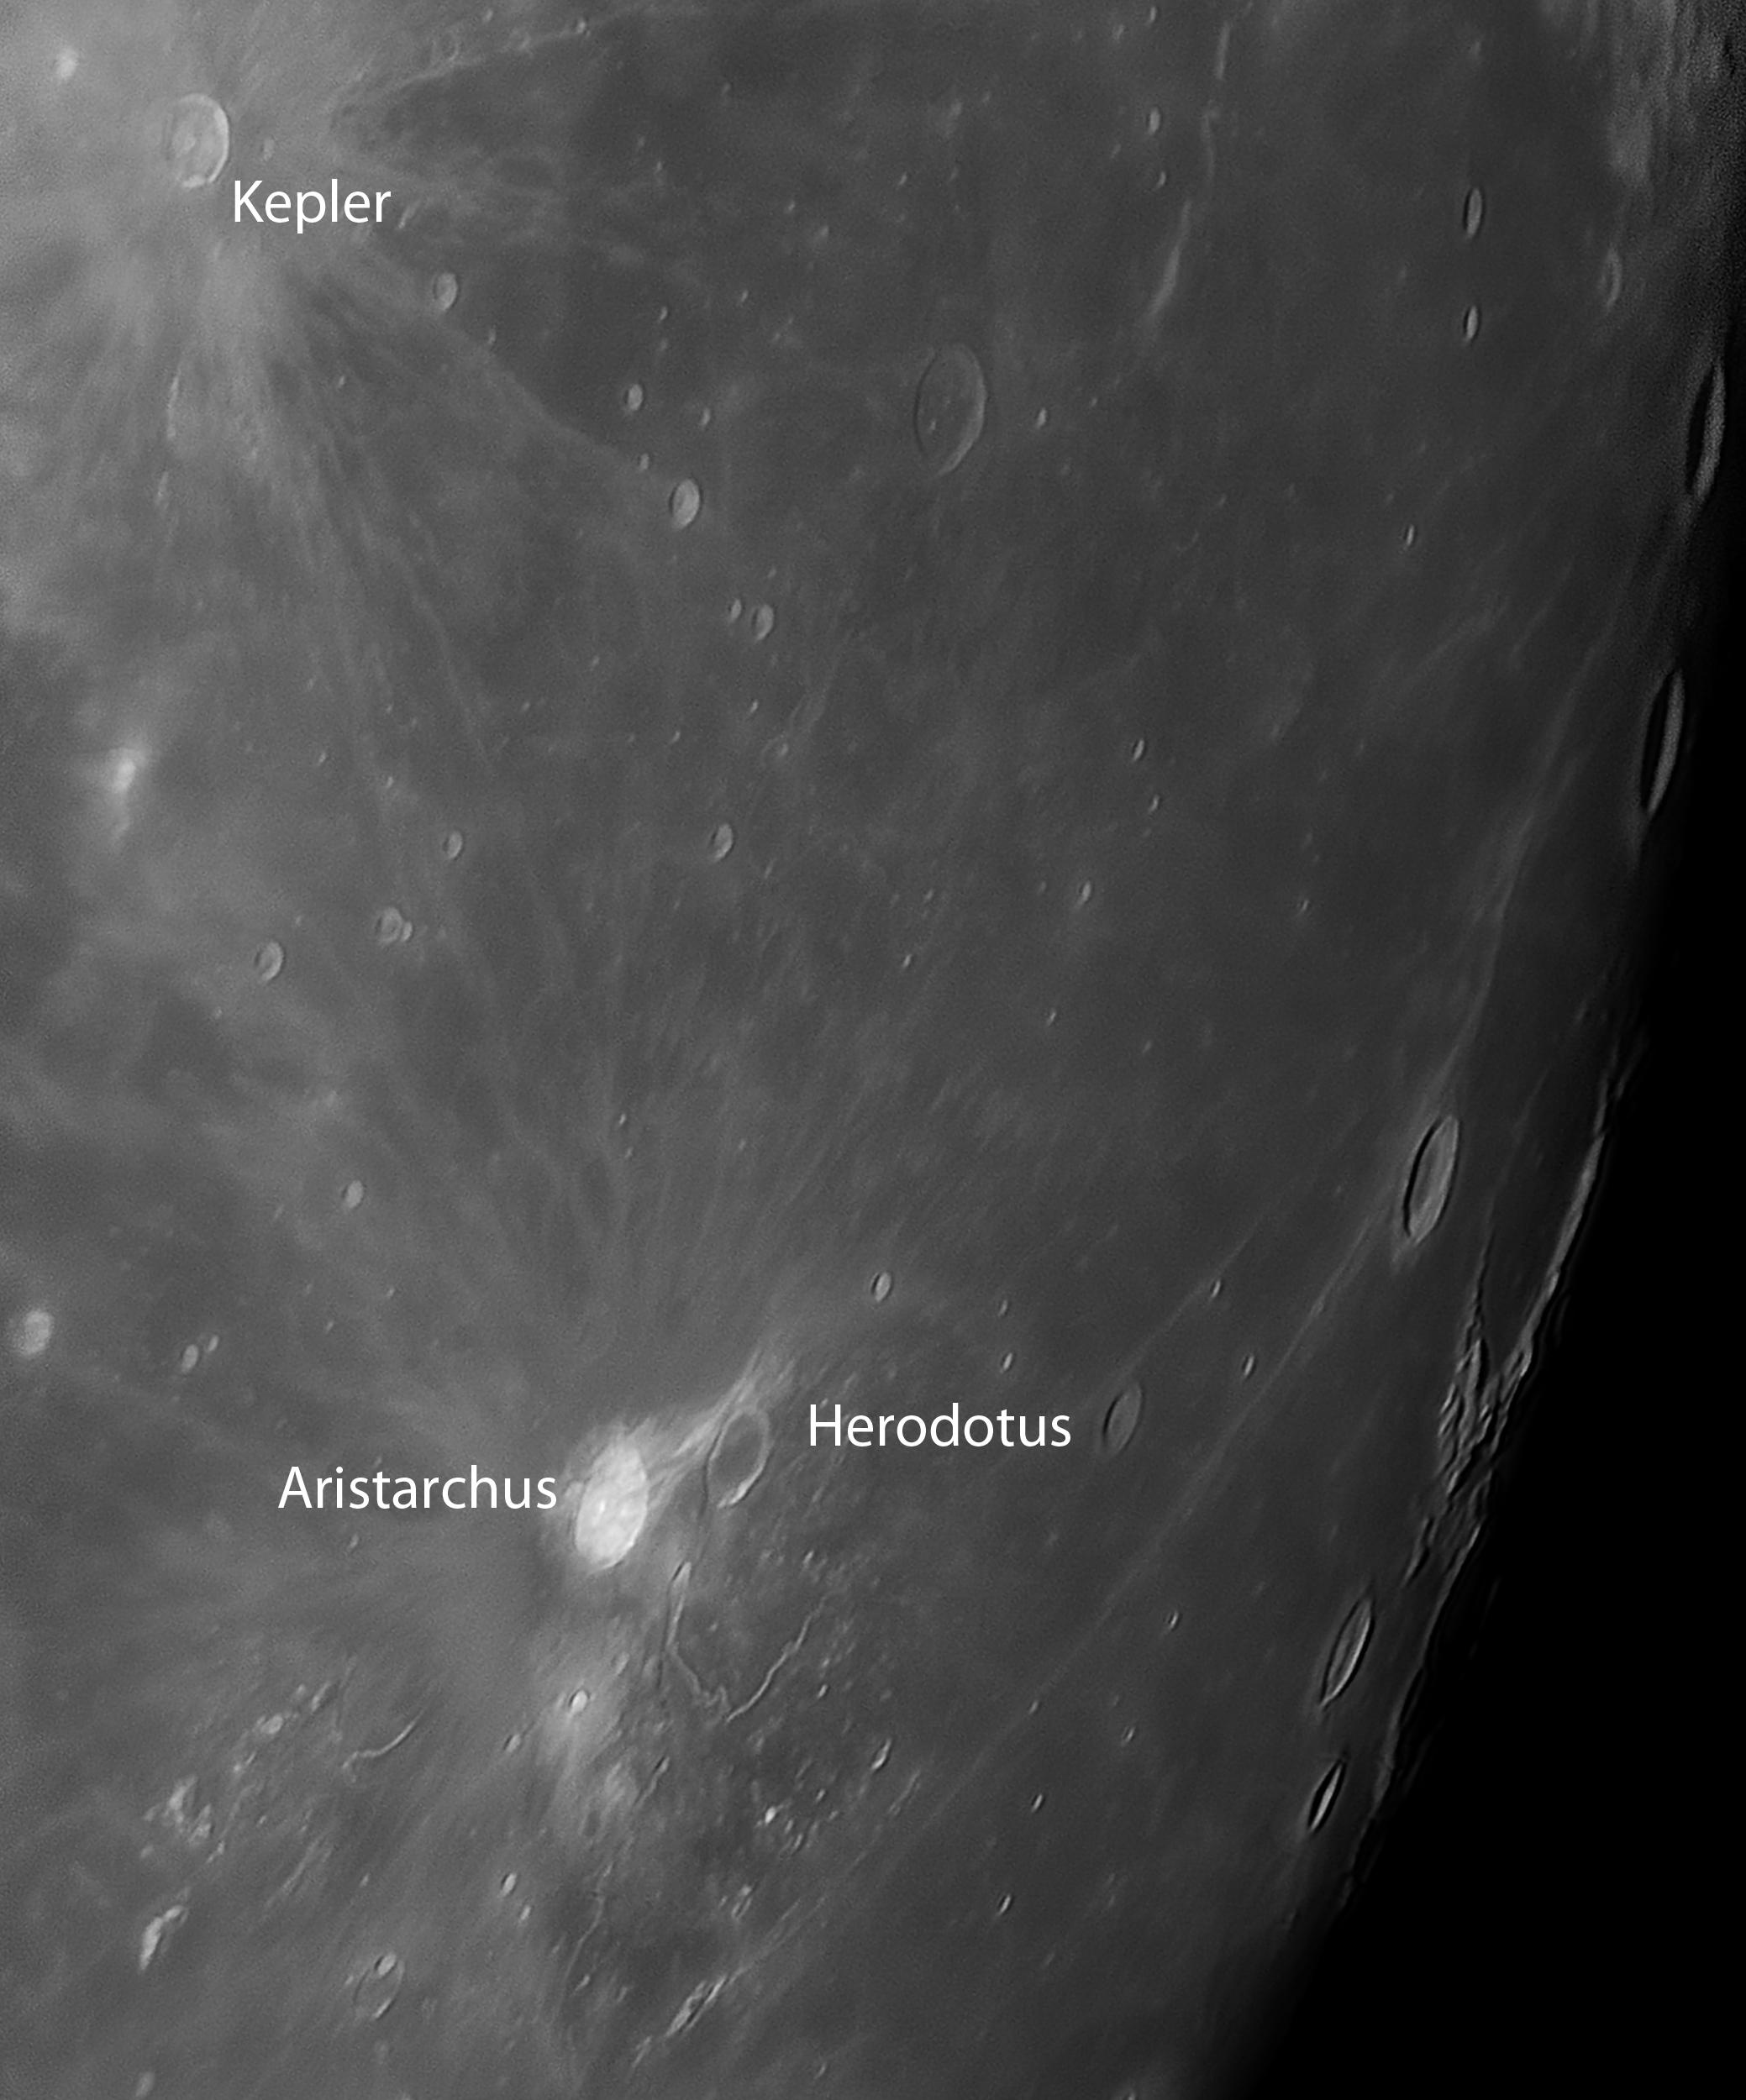 Krater Aristarchus und Herodotus und Kepler hoch namen